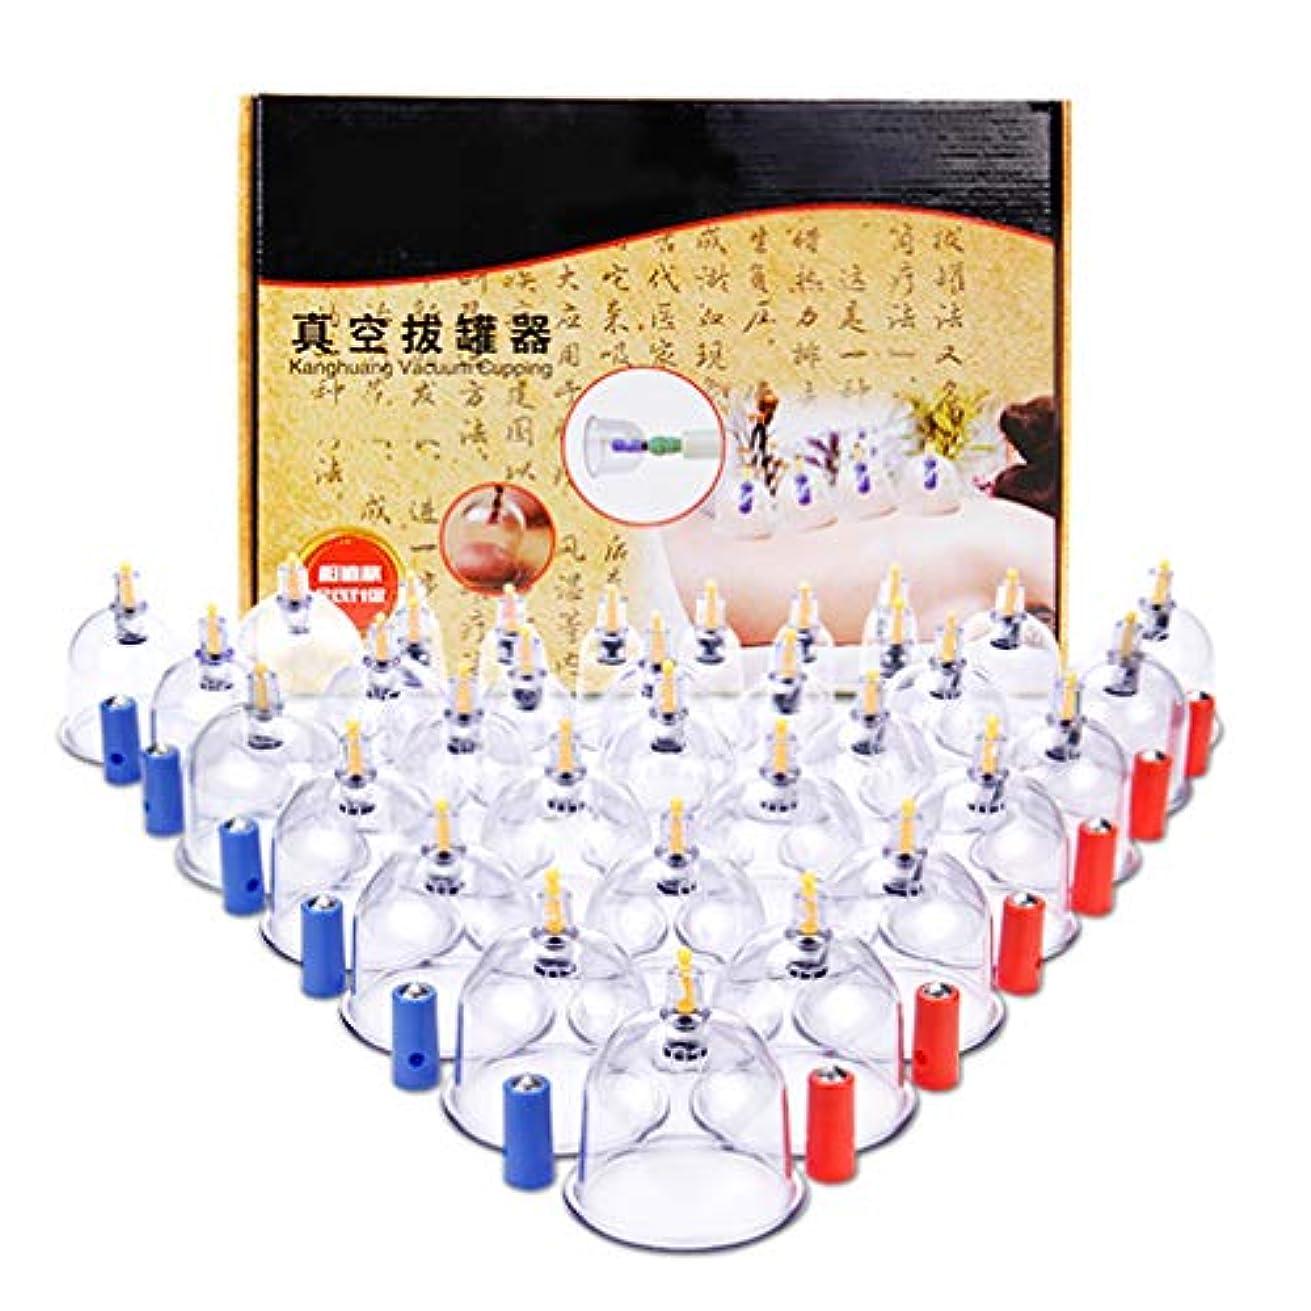 スピン看板切る32個の真空カッピングカップ、背中/首の痛み、減量のためのポンプハンドル中国式マッサージ医療用カッピングセット吸引鍼